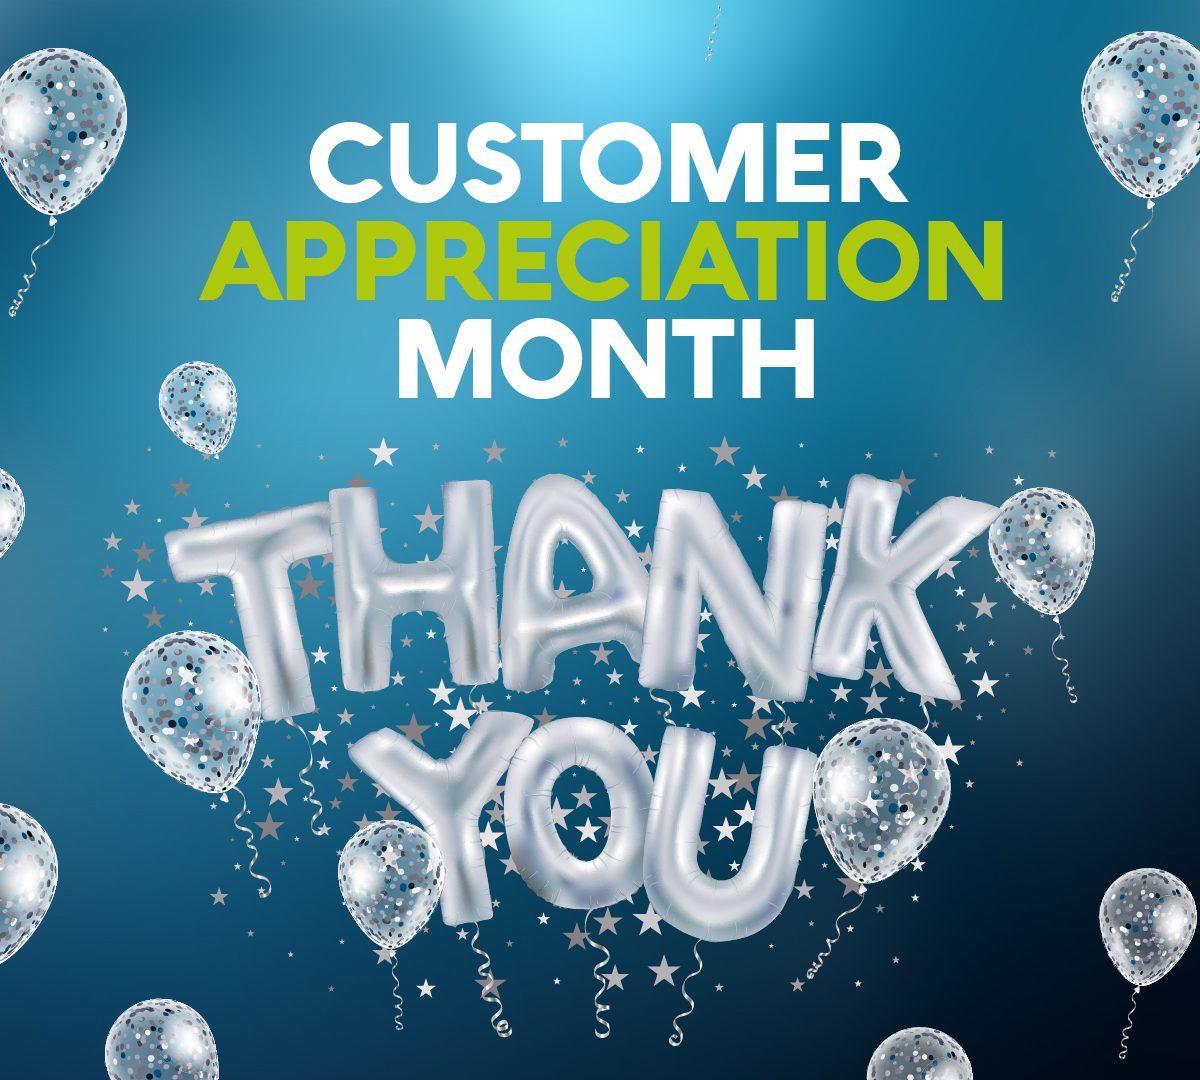 12026 CW CustomerAppreciation Website Events Story 05.01.18